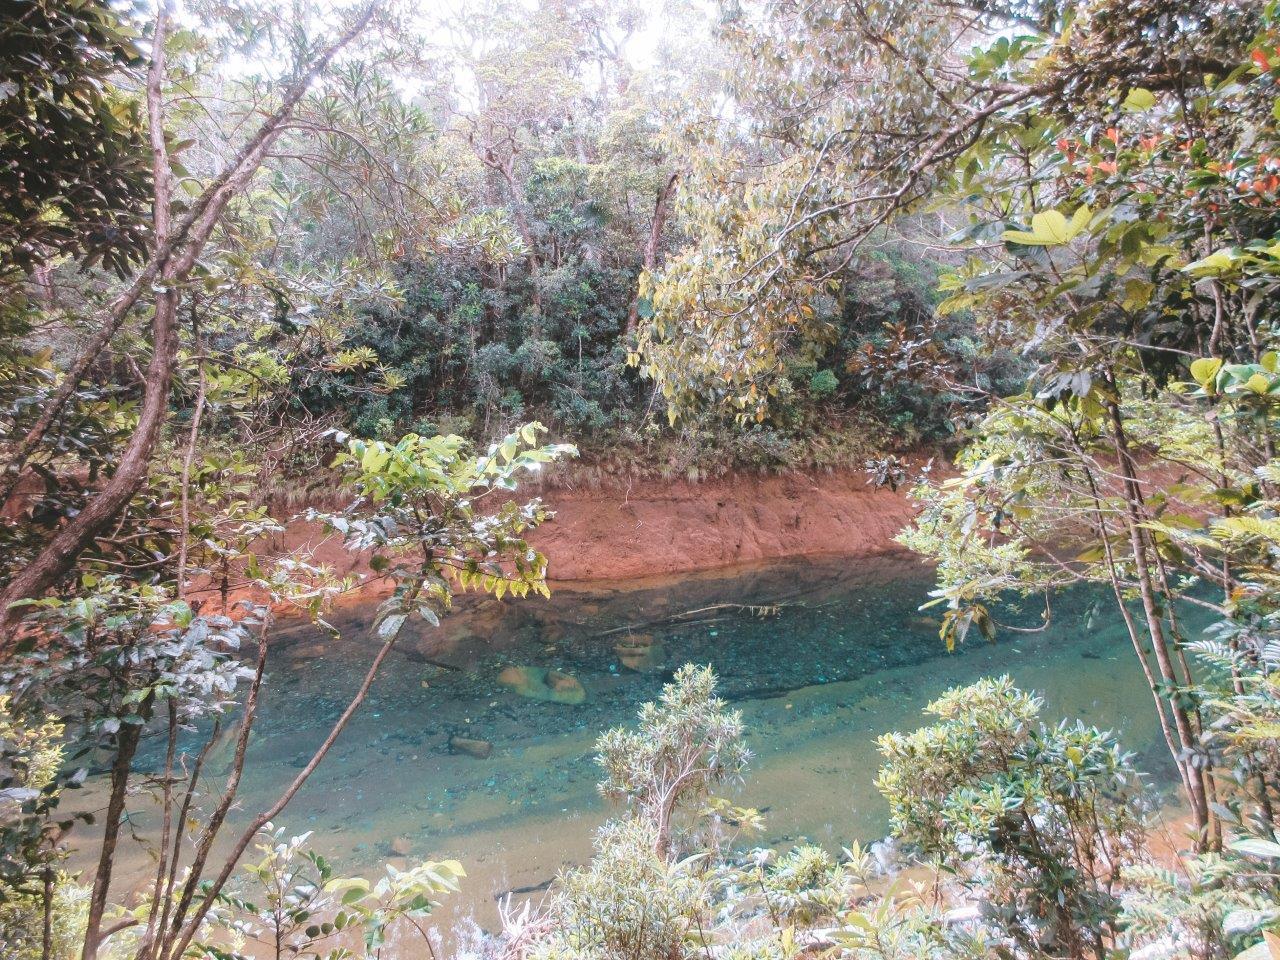 jana meerman parc provincial de la riviere bleue new caledonia (3)